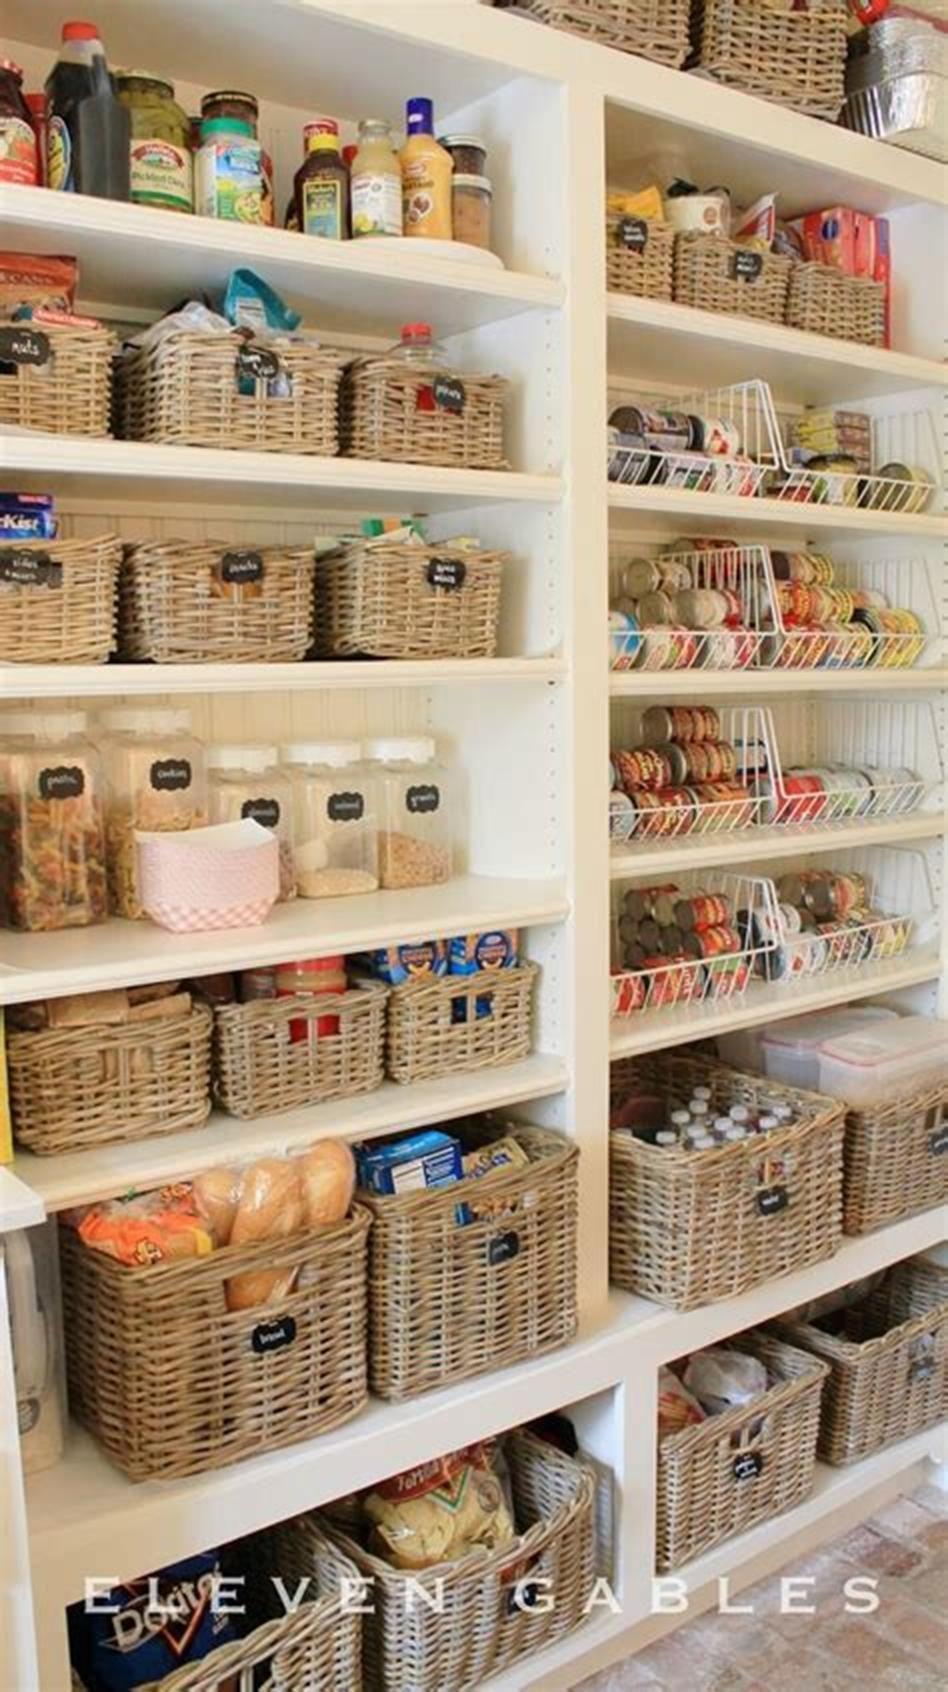 32 Best Diy Kitchen Organization Ideas With Low Budget